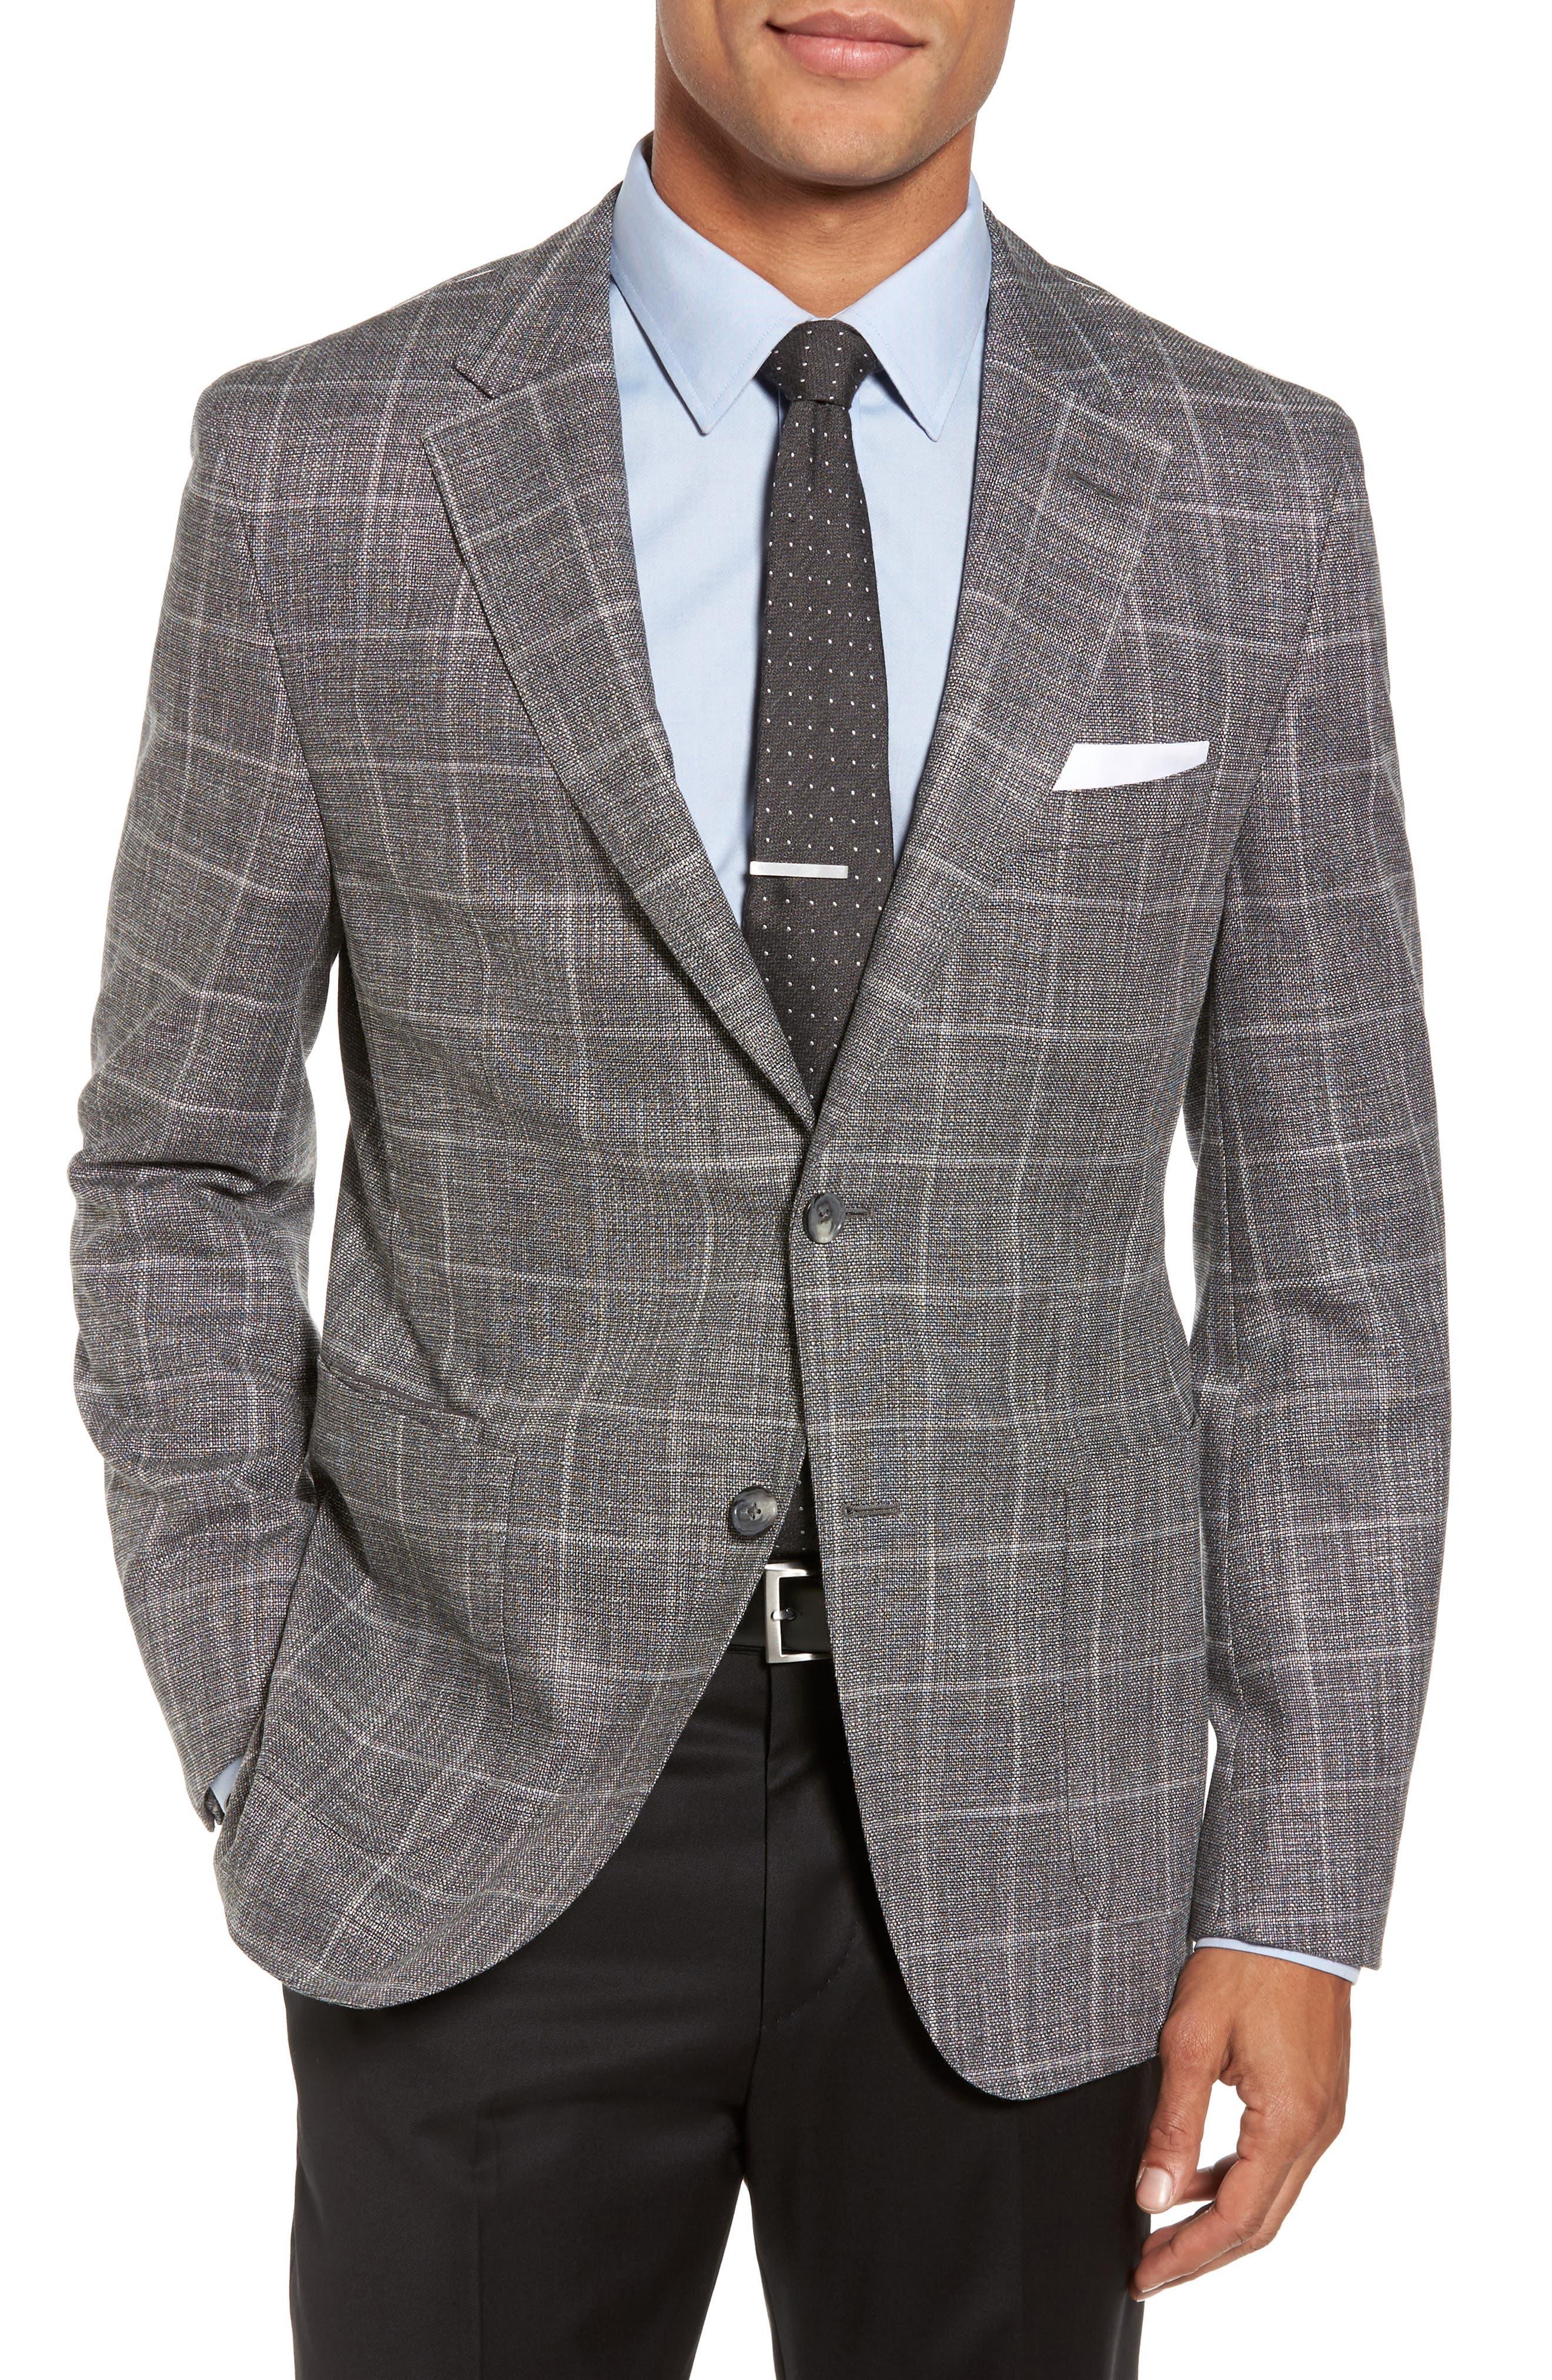 T-Naiden Trim Fit Windowpane Sport Coat,                         Main,                         color, Medium Grey